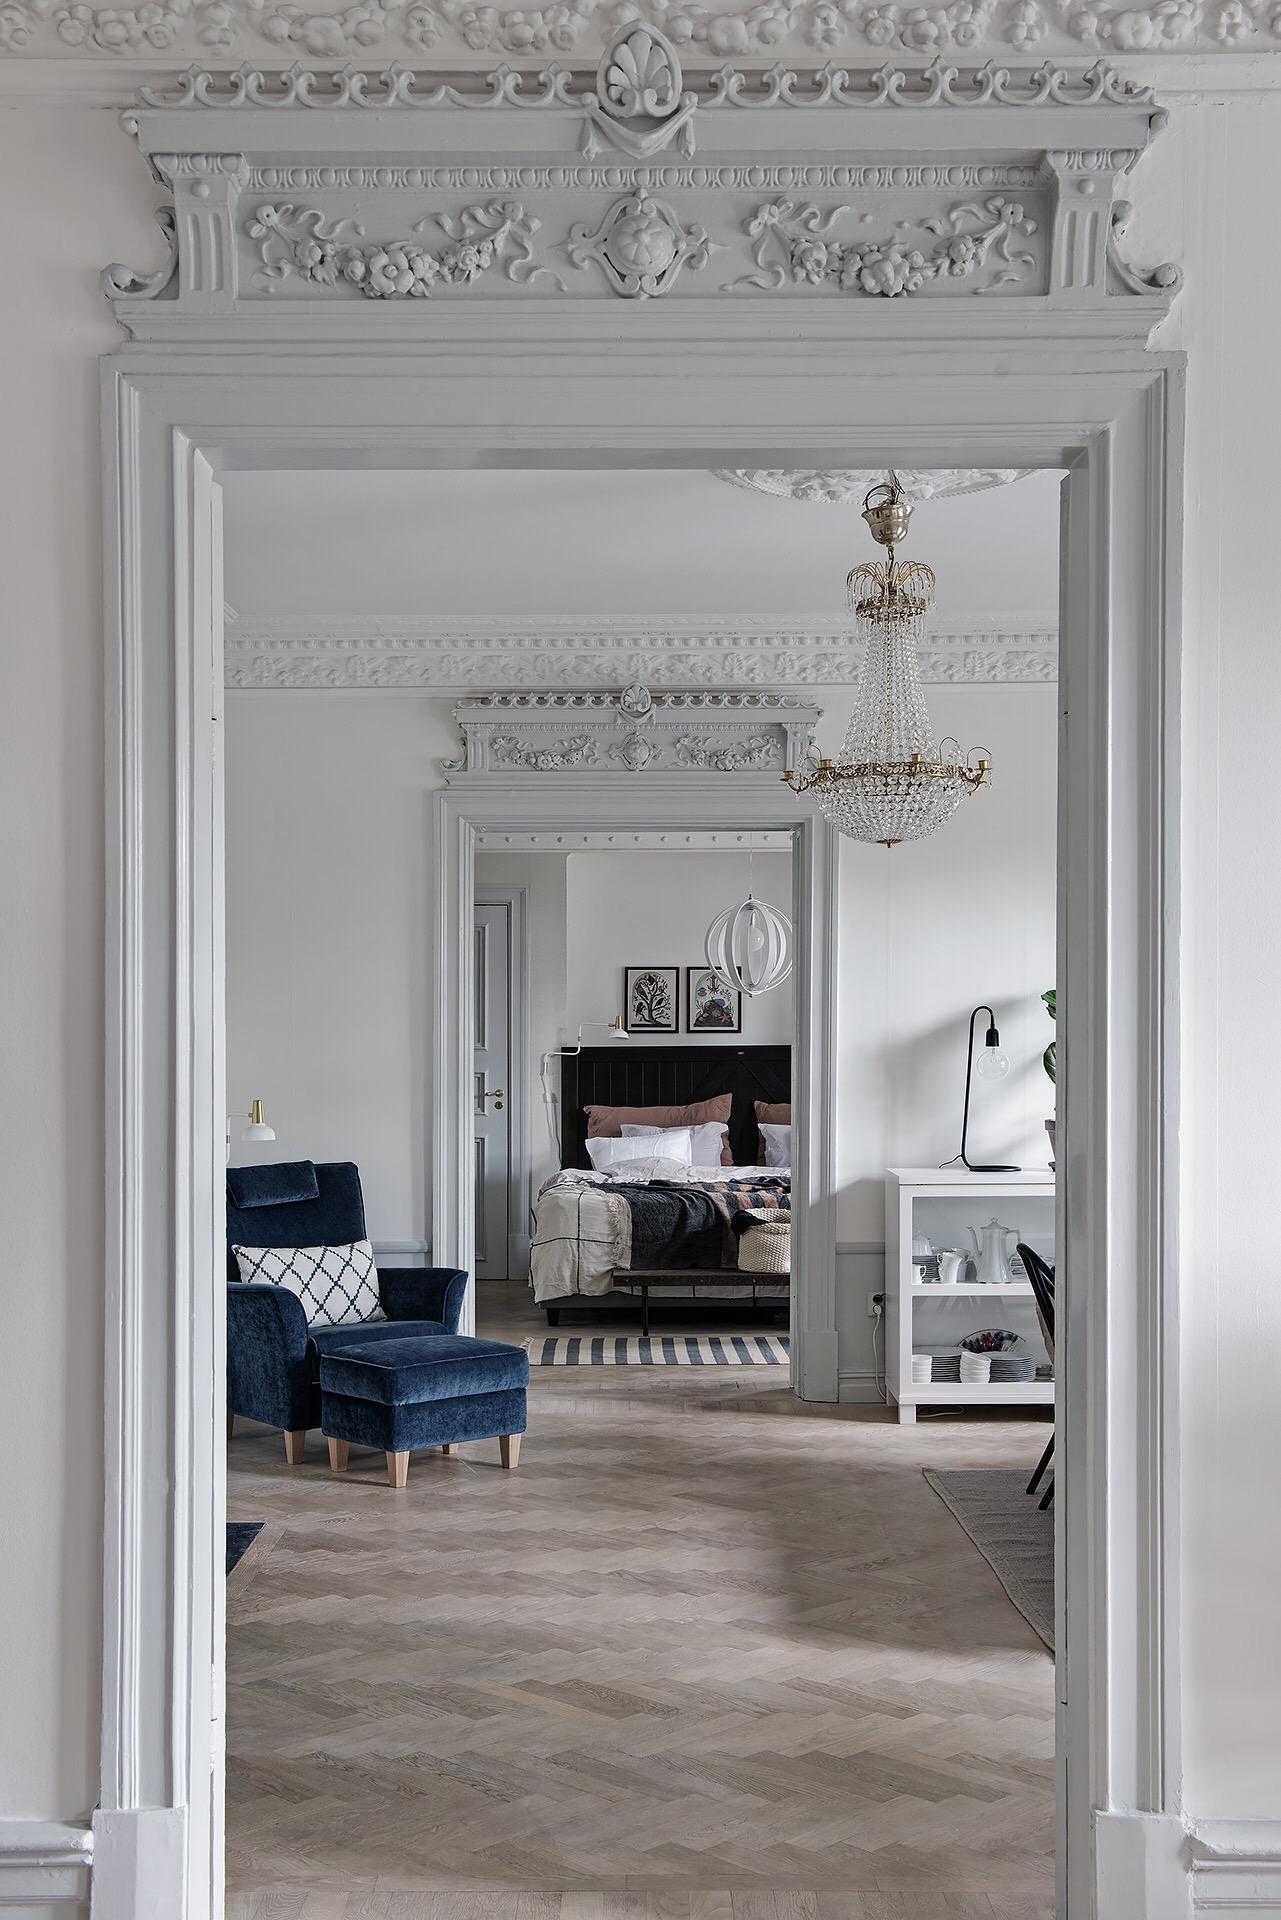 анфилада гостиная столовая спальня дверной проем наличники лепнина